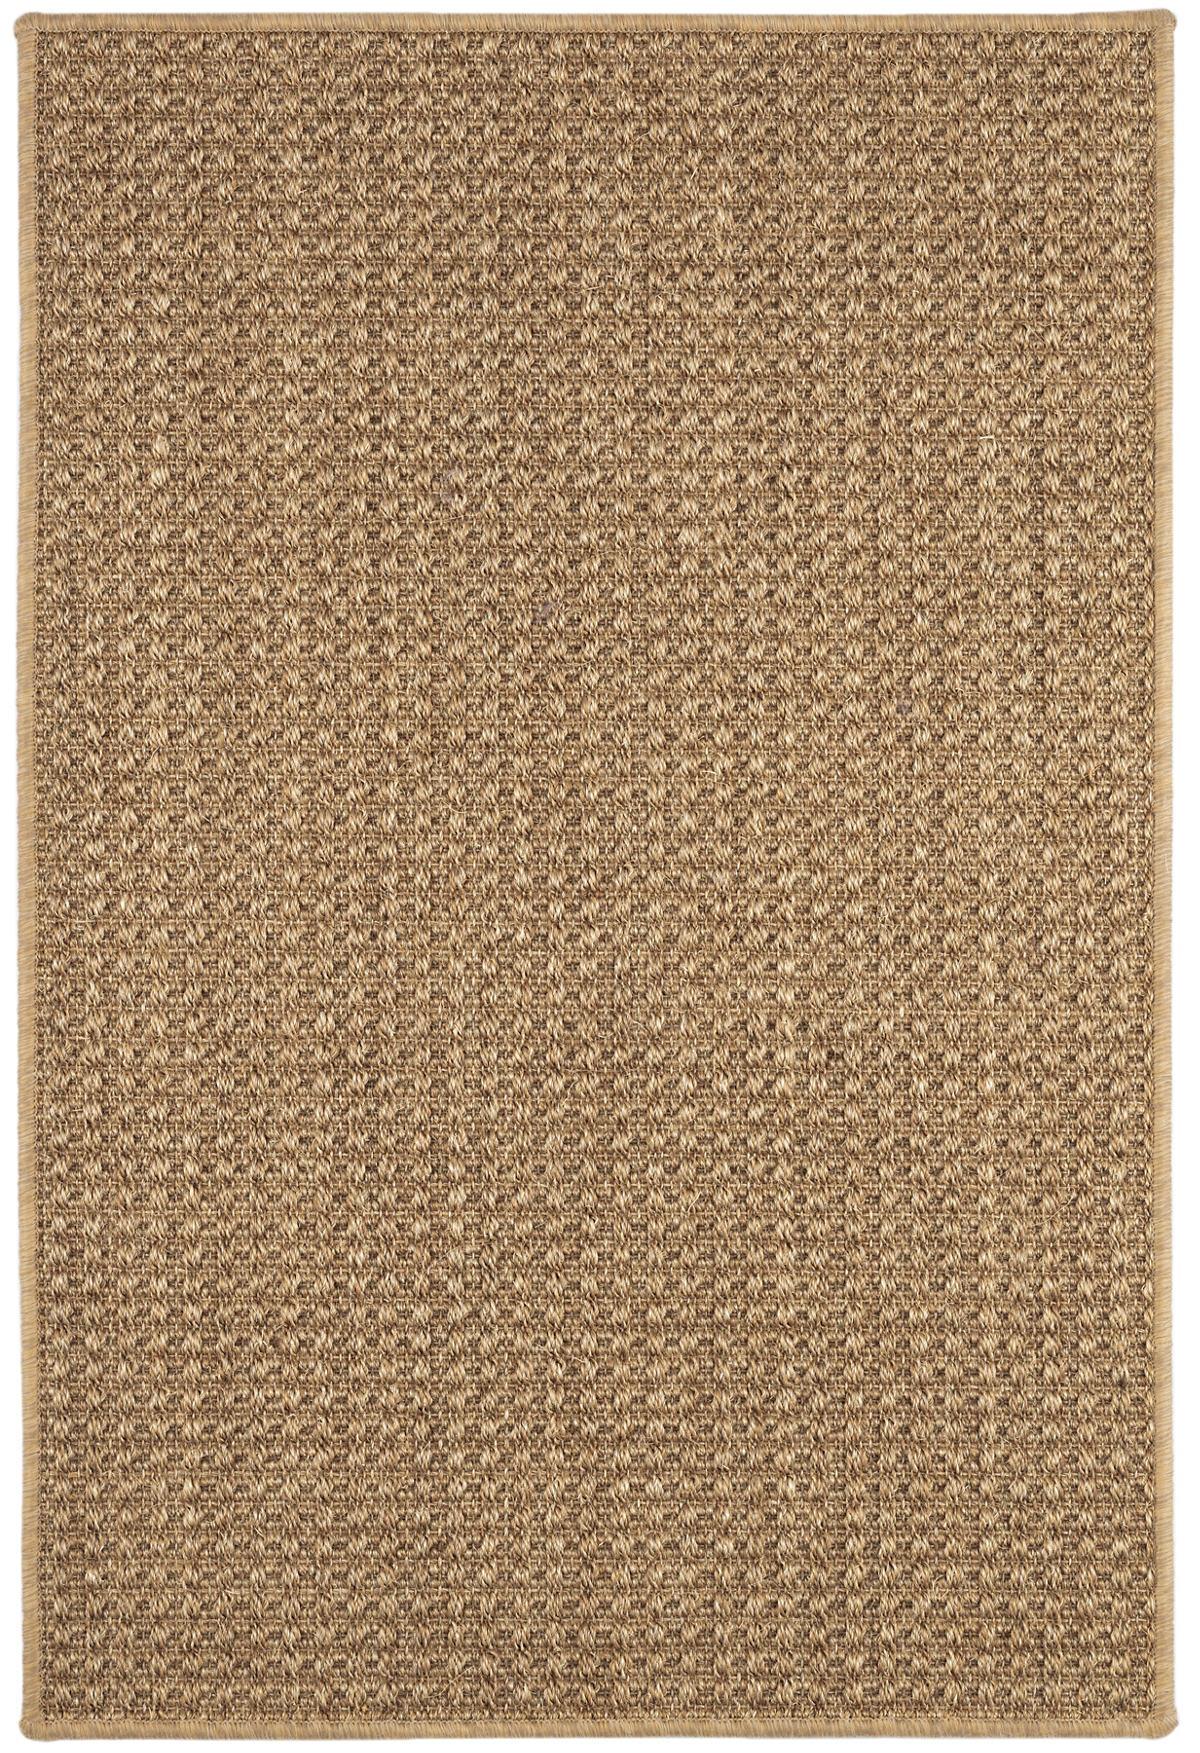 Ashburn Copper Woven Sisal Custom Rug